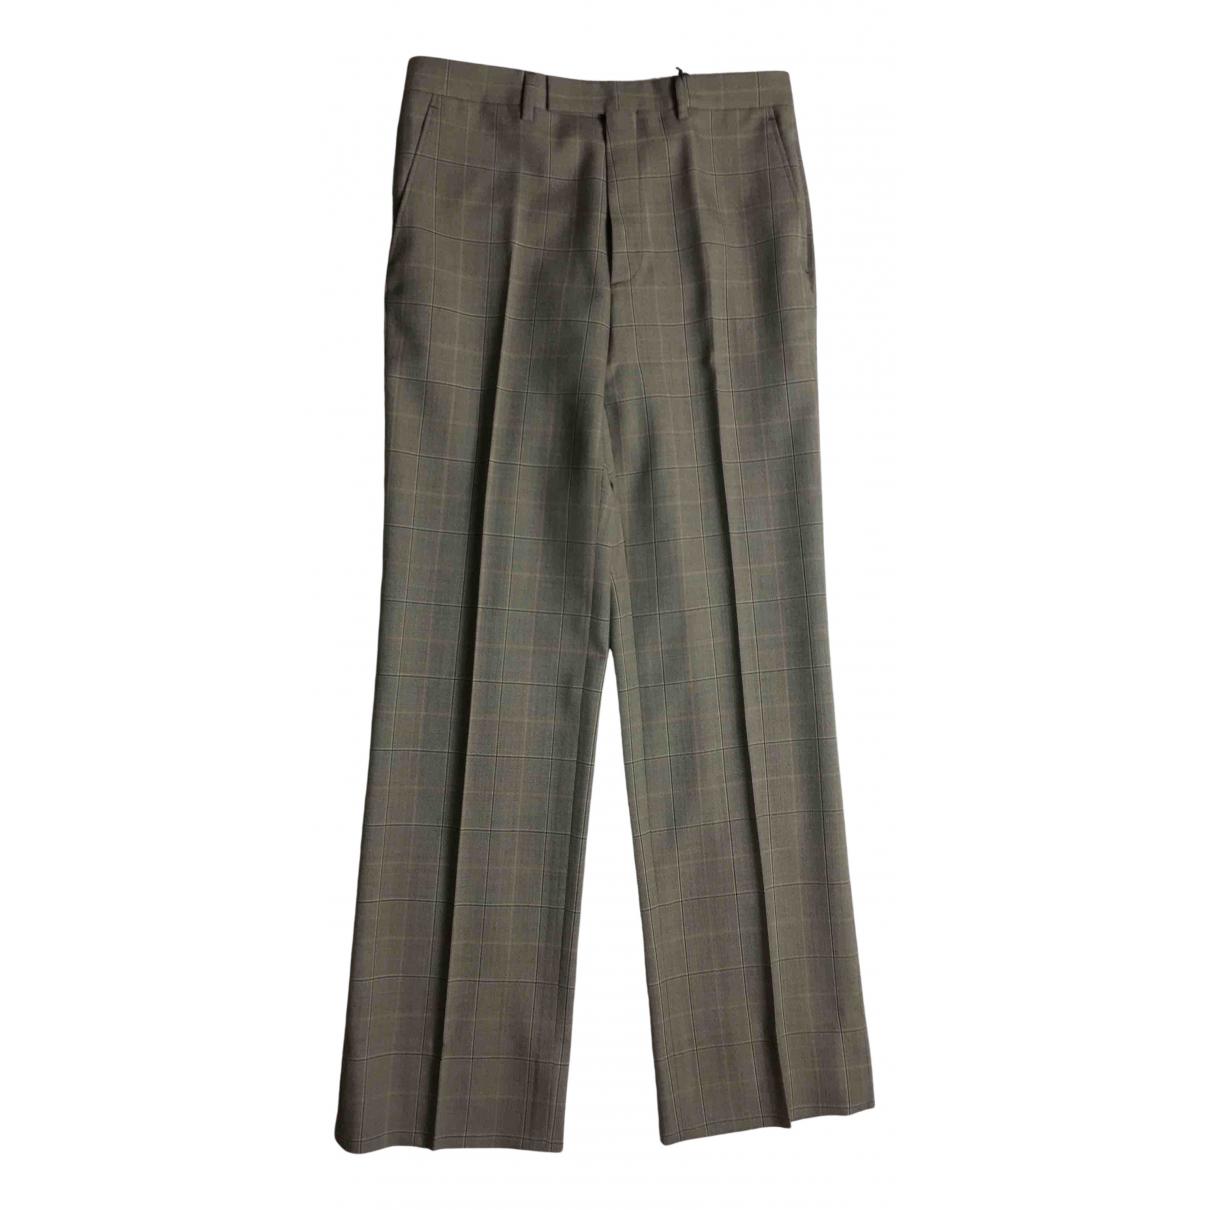 Pantalon de Lana Gucci